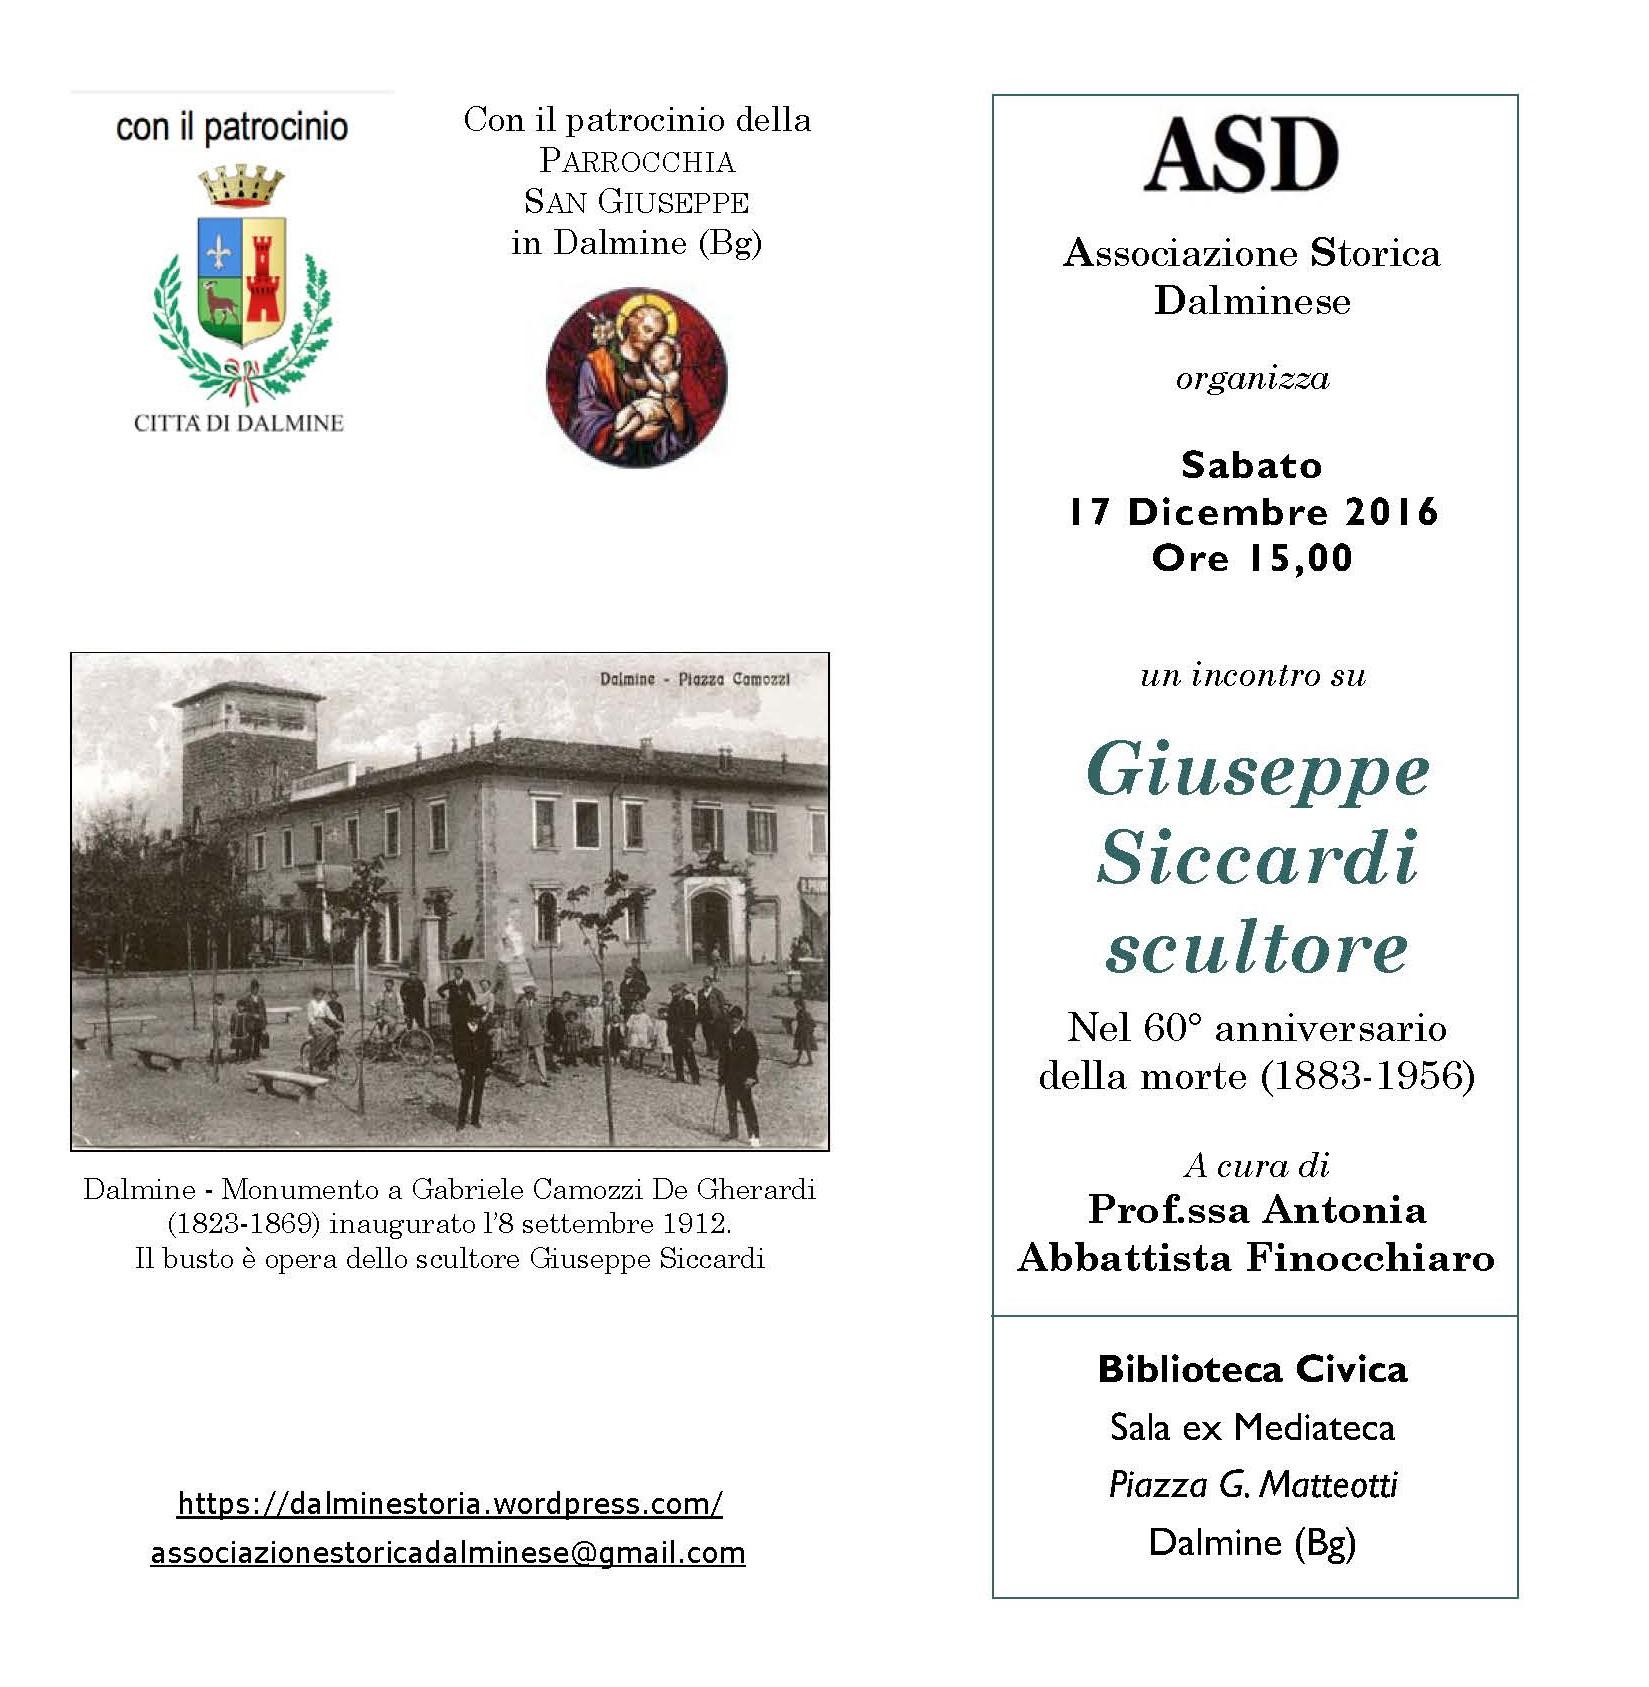 brochure_Siccardi_17dic16_def_Pagina_1 - Copia